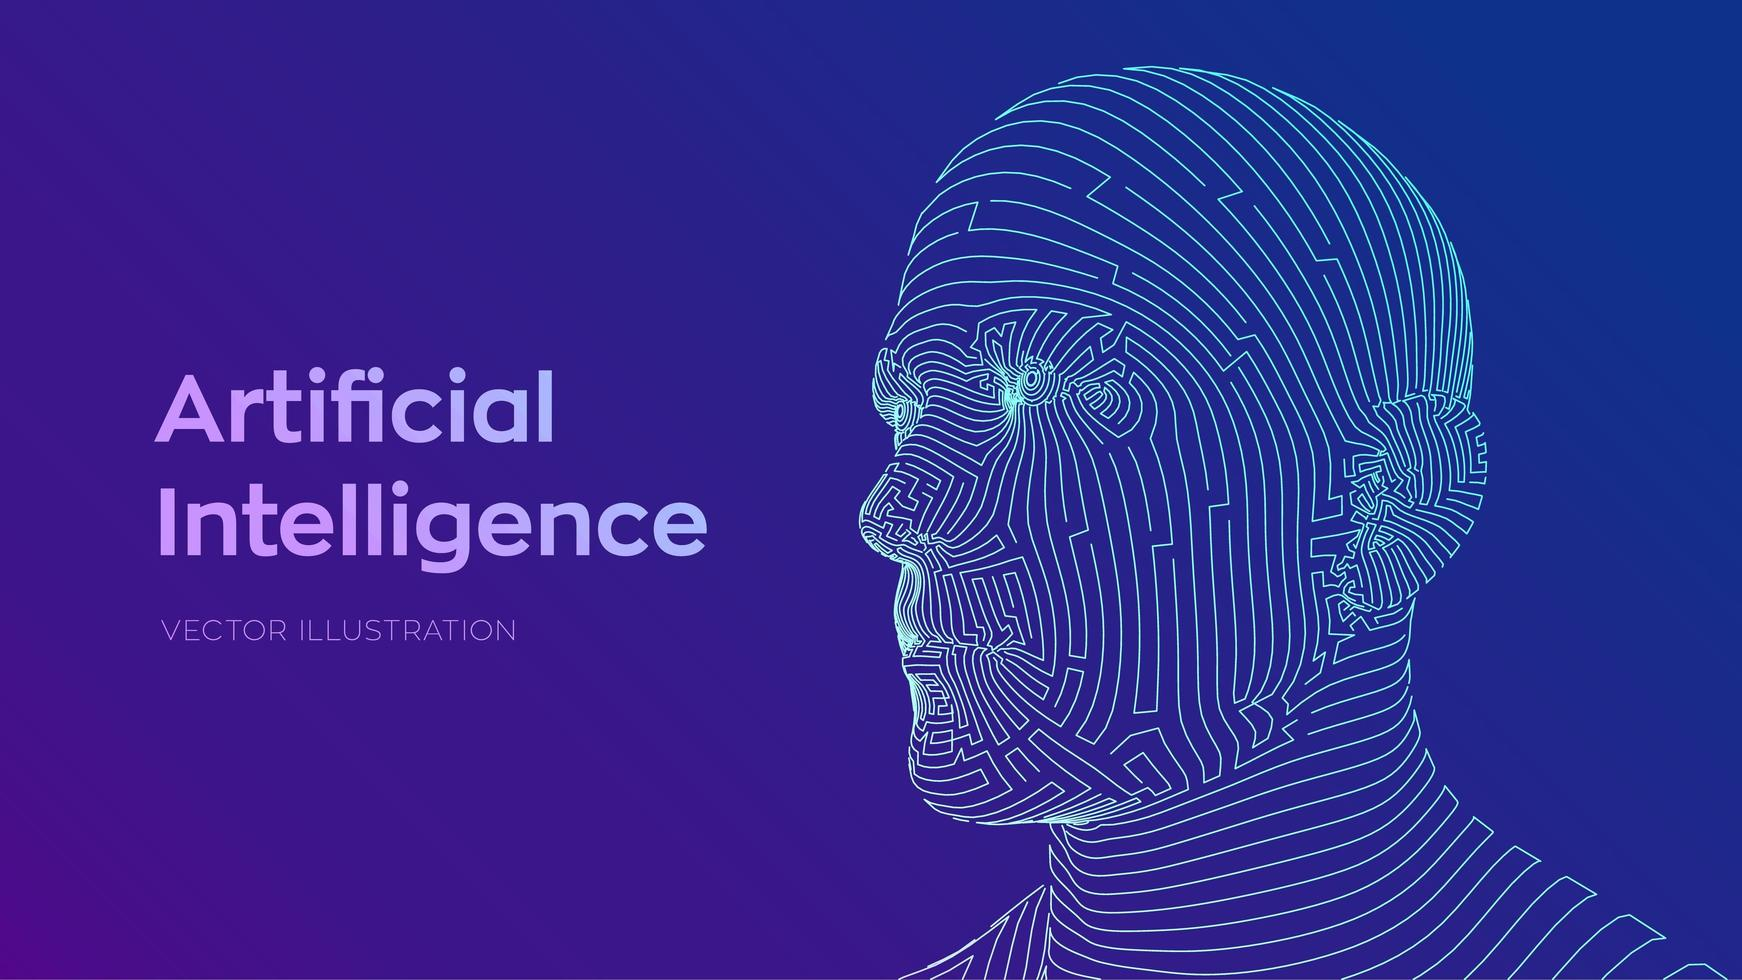 Abstract digital human face vector